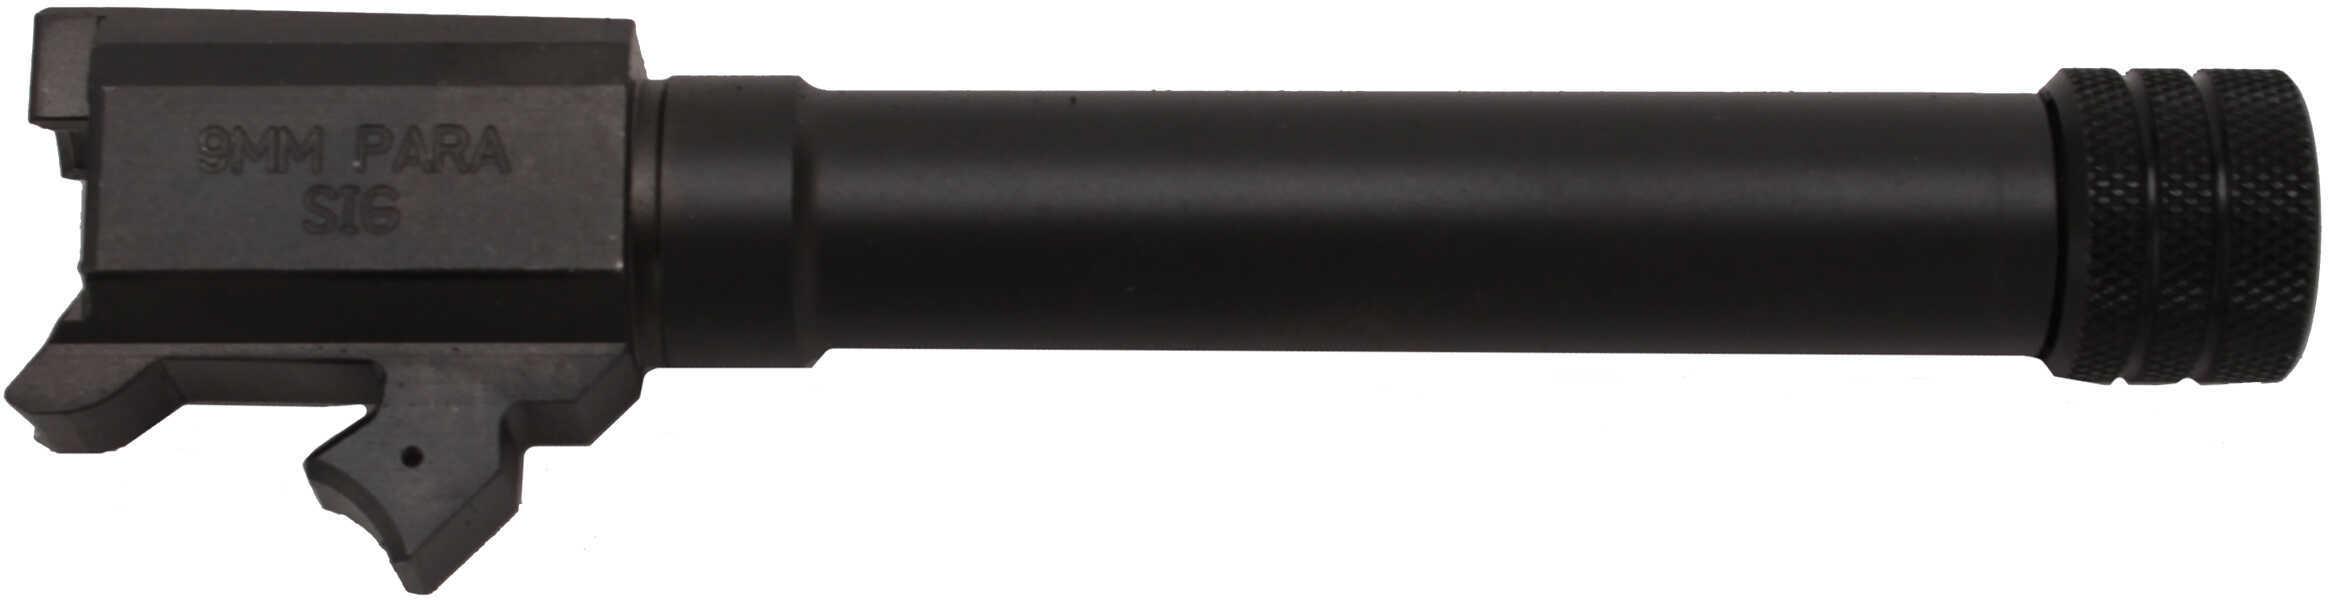 Sig Sauer Barrel P229 9MM Threaded BBL2299T